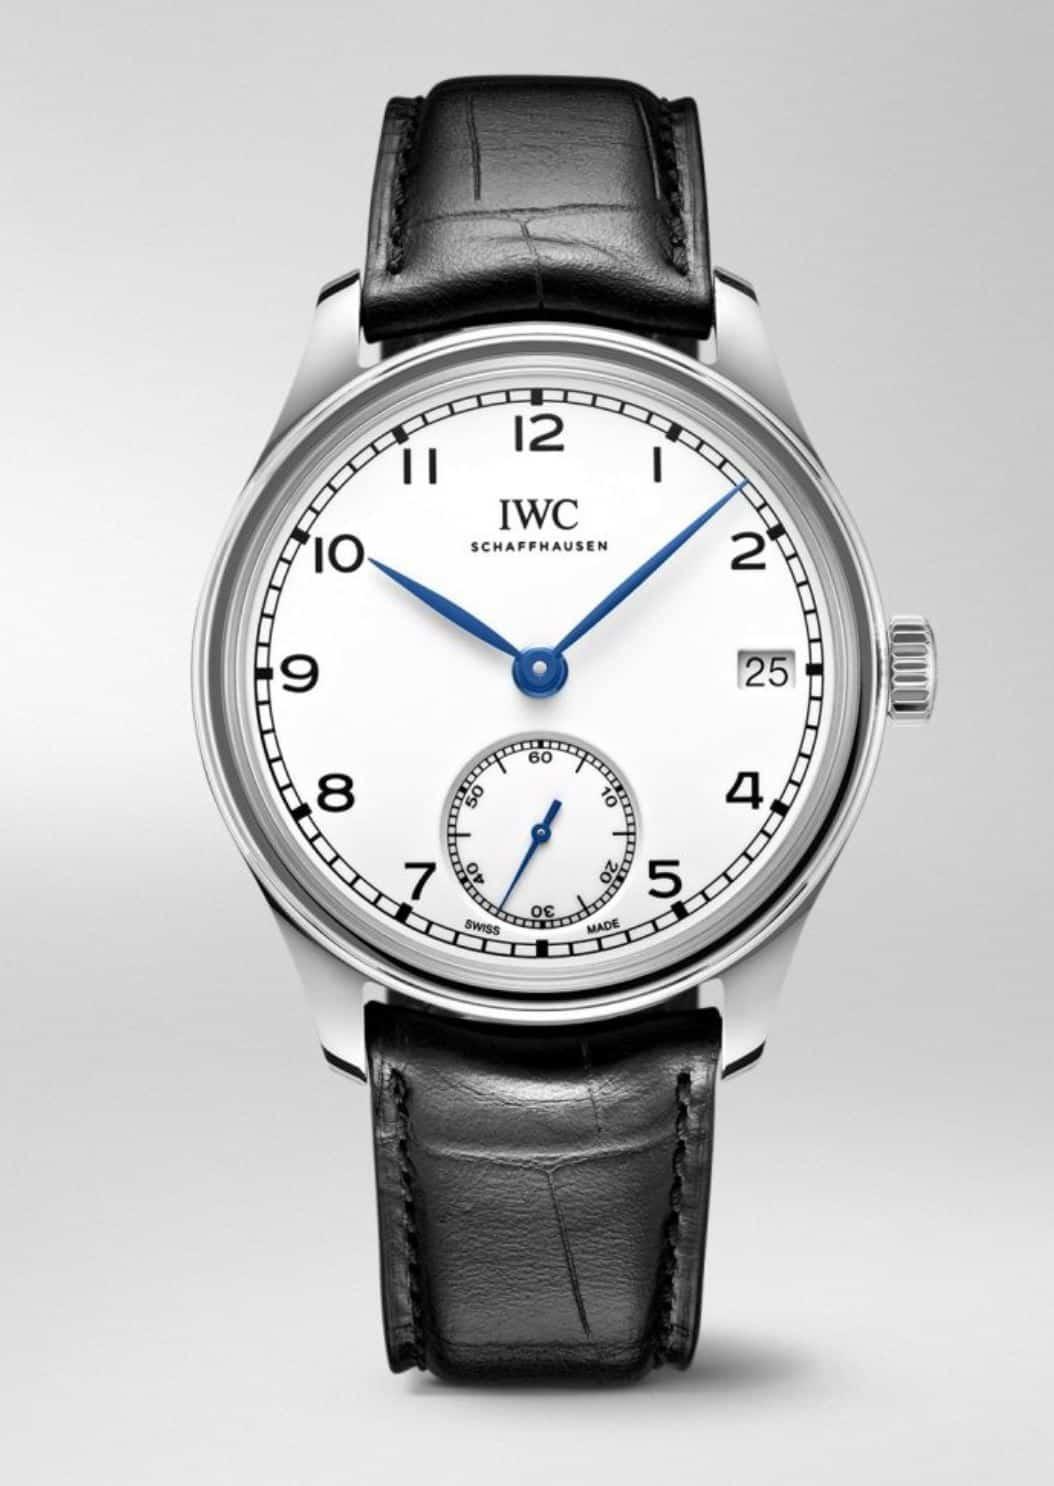 Die IWC Portugieser mit Handaufzug gibt es mit und ohne Datum. Dieses Modell mit Datum und kleiner Sekunde wird von Hand aufgezogen und kostete 9.500 €.